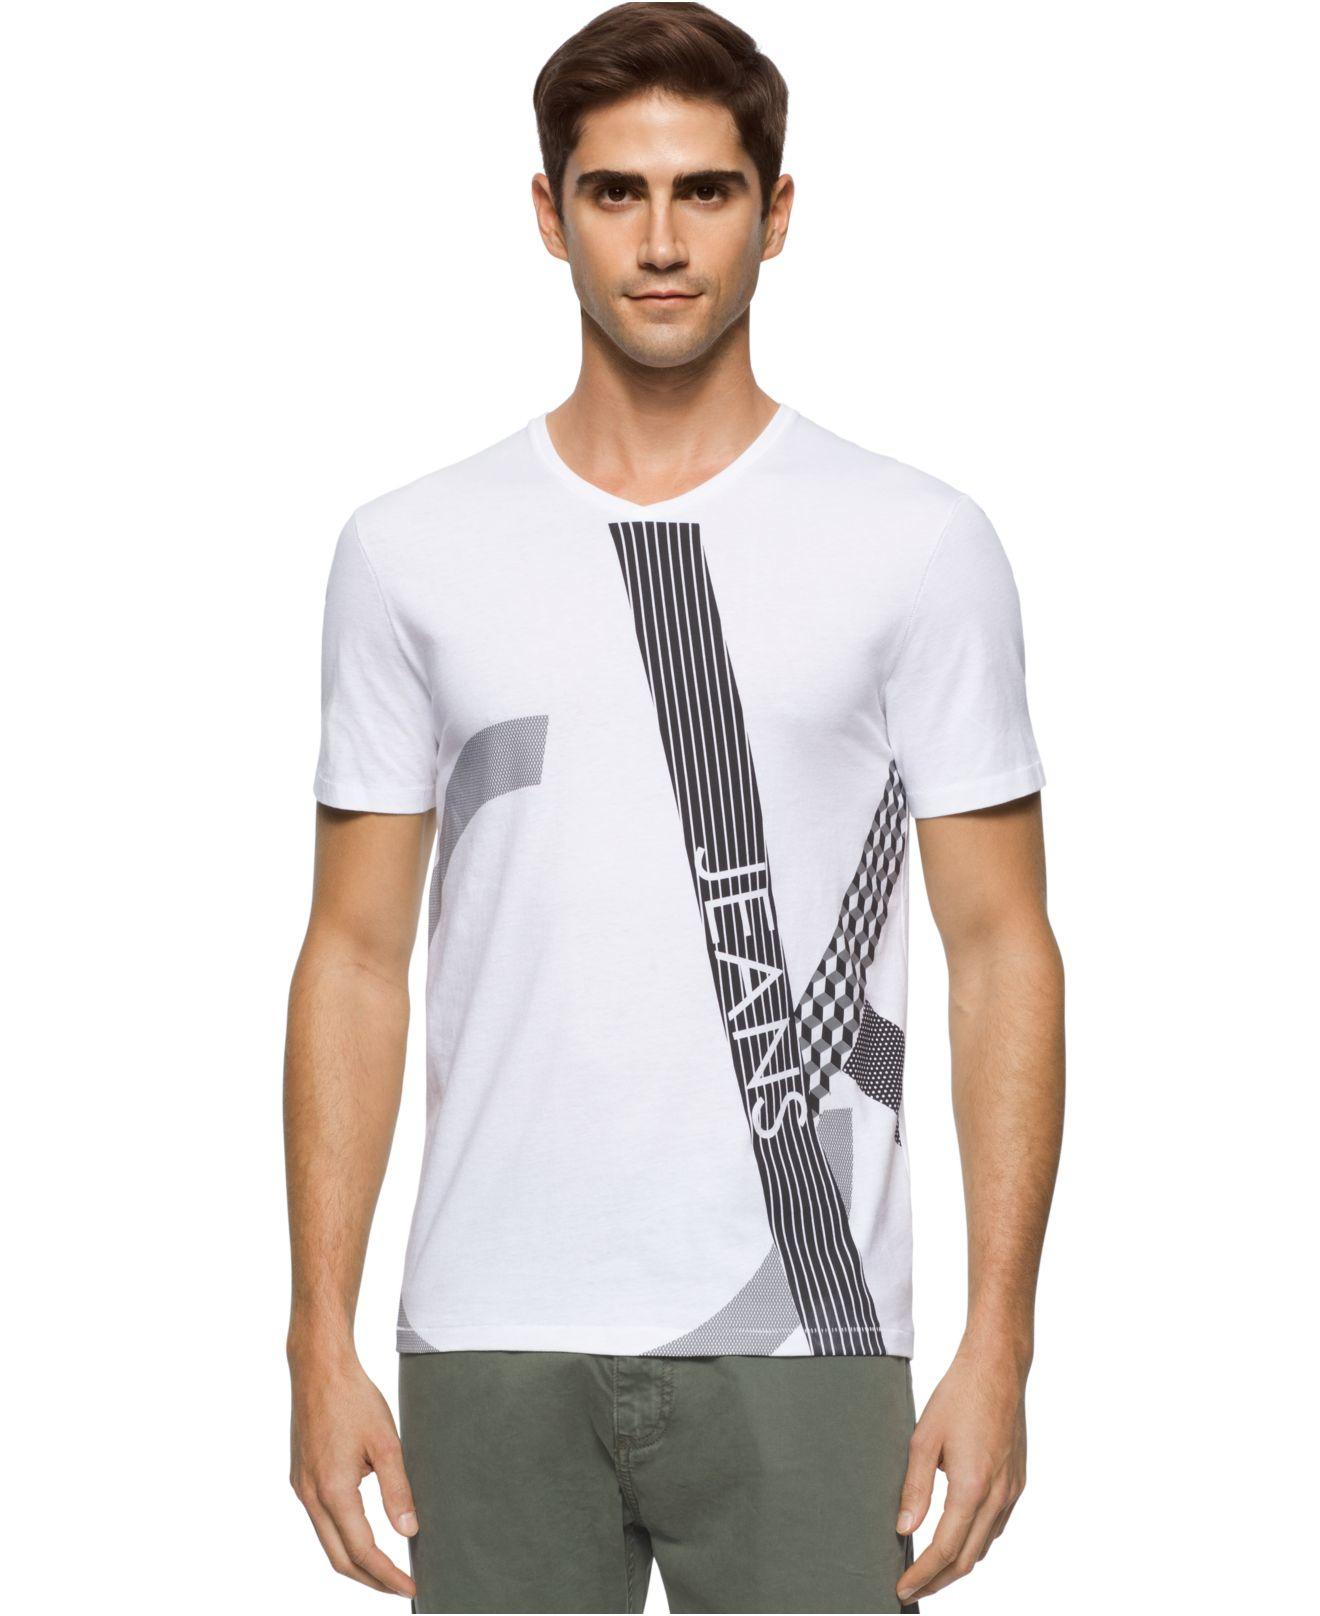 145078be9863d Calvin Klein Jeans T Shirt Mens kuvat - Kritische Theorie